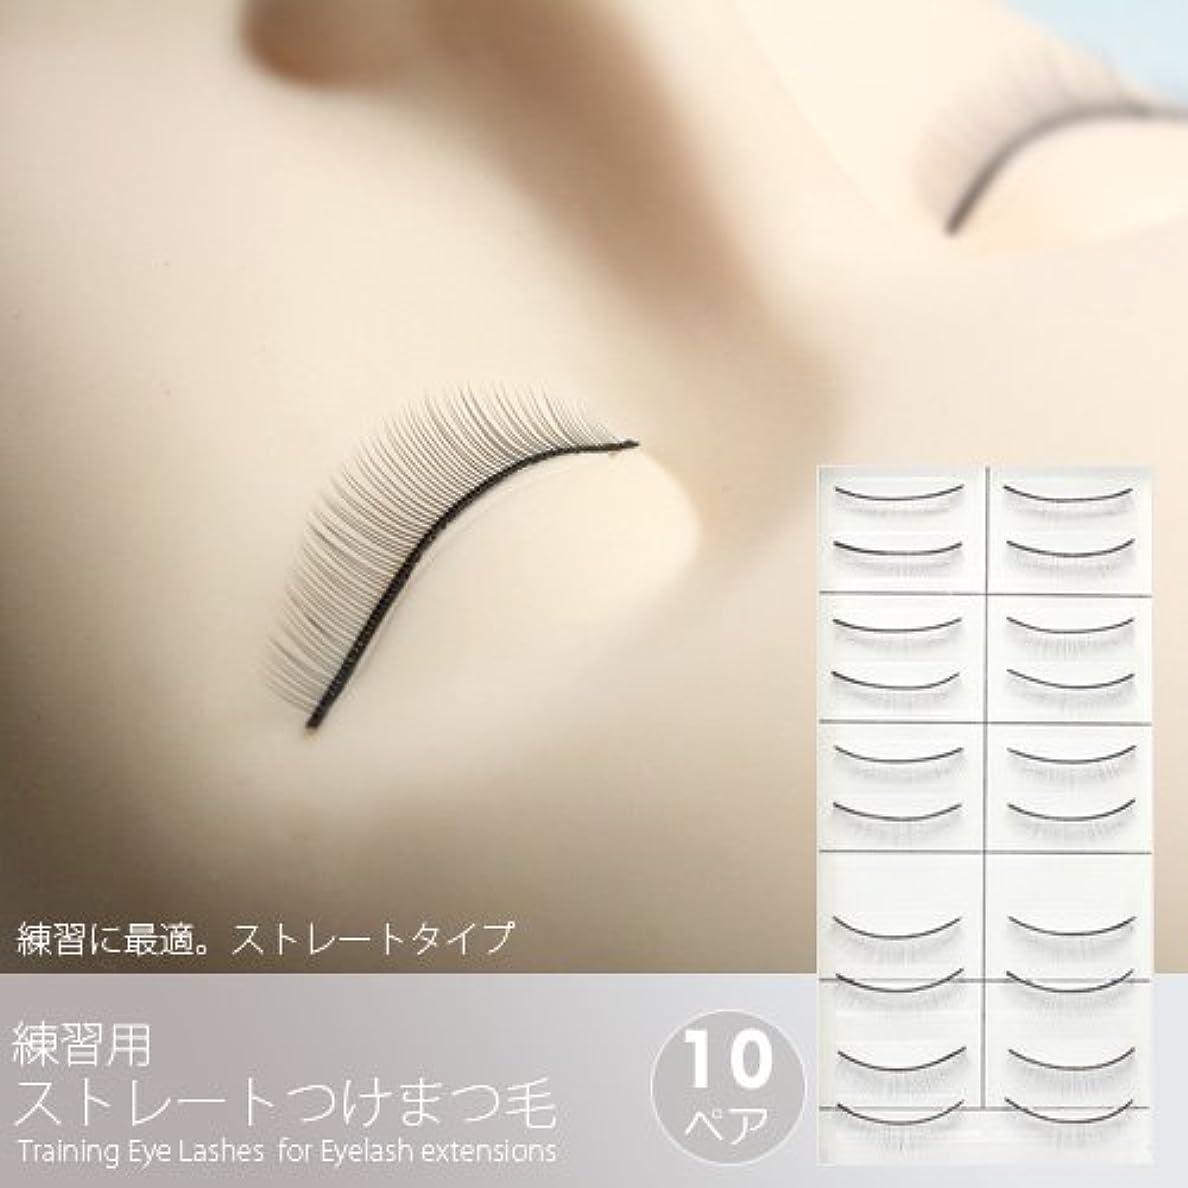 リビジョン和エキサイティング練習用ストレートつけまつげ(10ペア)[Training Eye Lashes ]/まつ毛エクステ商材